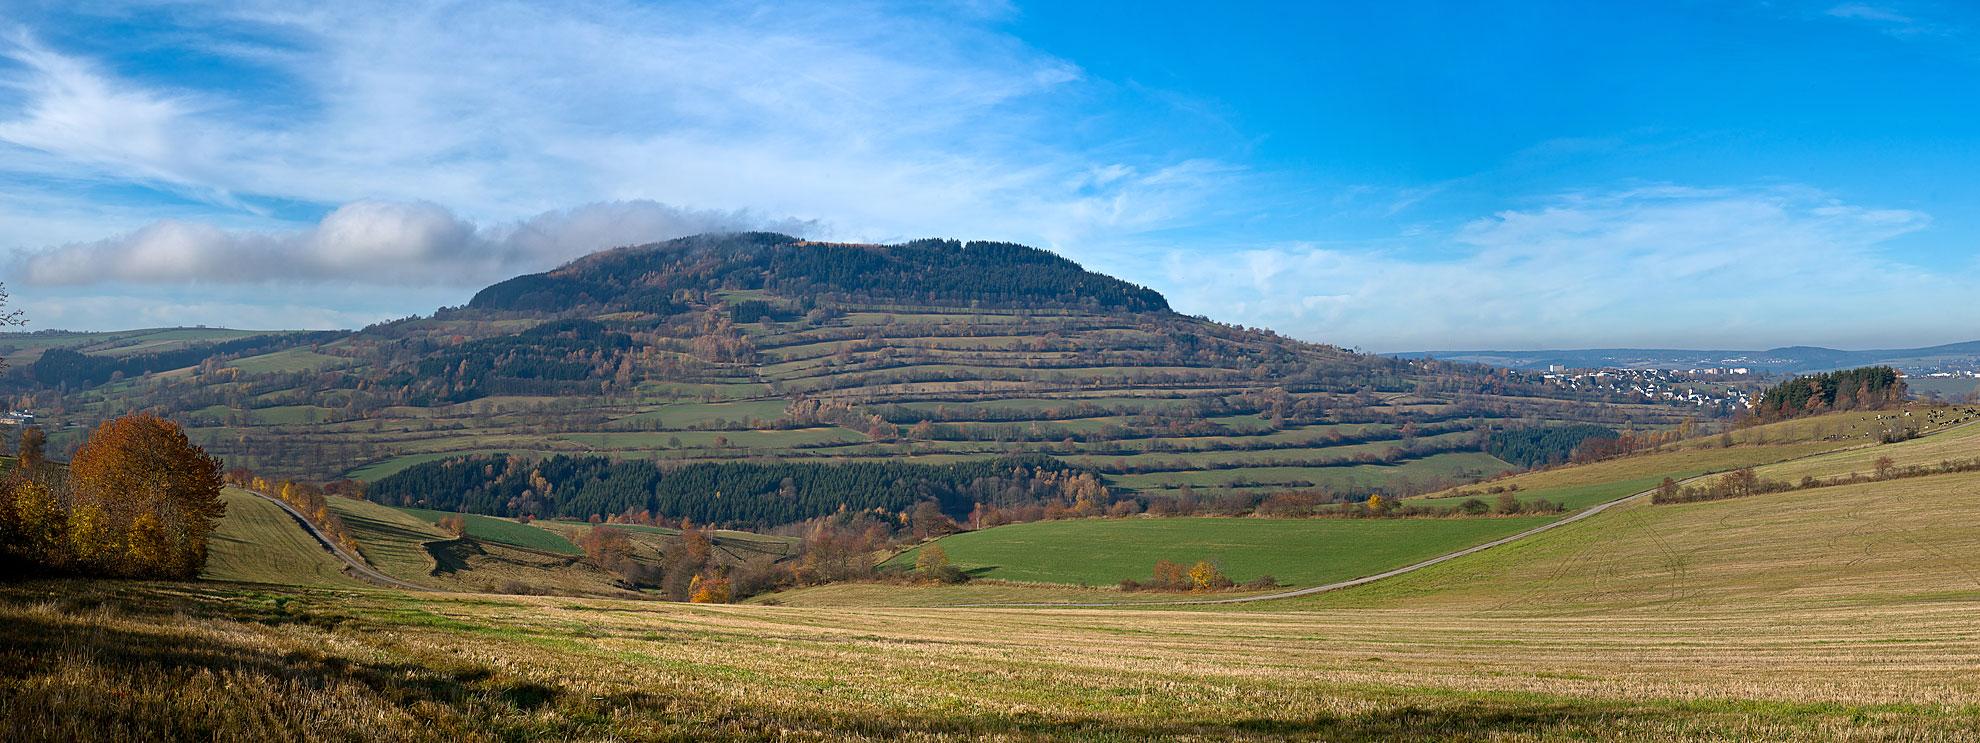 Herbstlandschaft am Pöhlberg, von Mildenauer Flur aus gesehen.